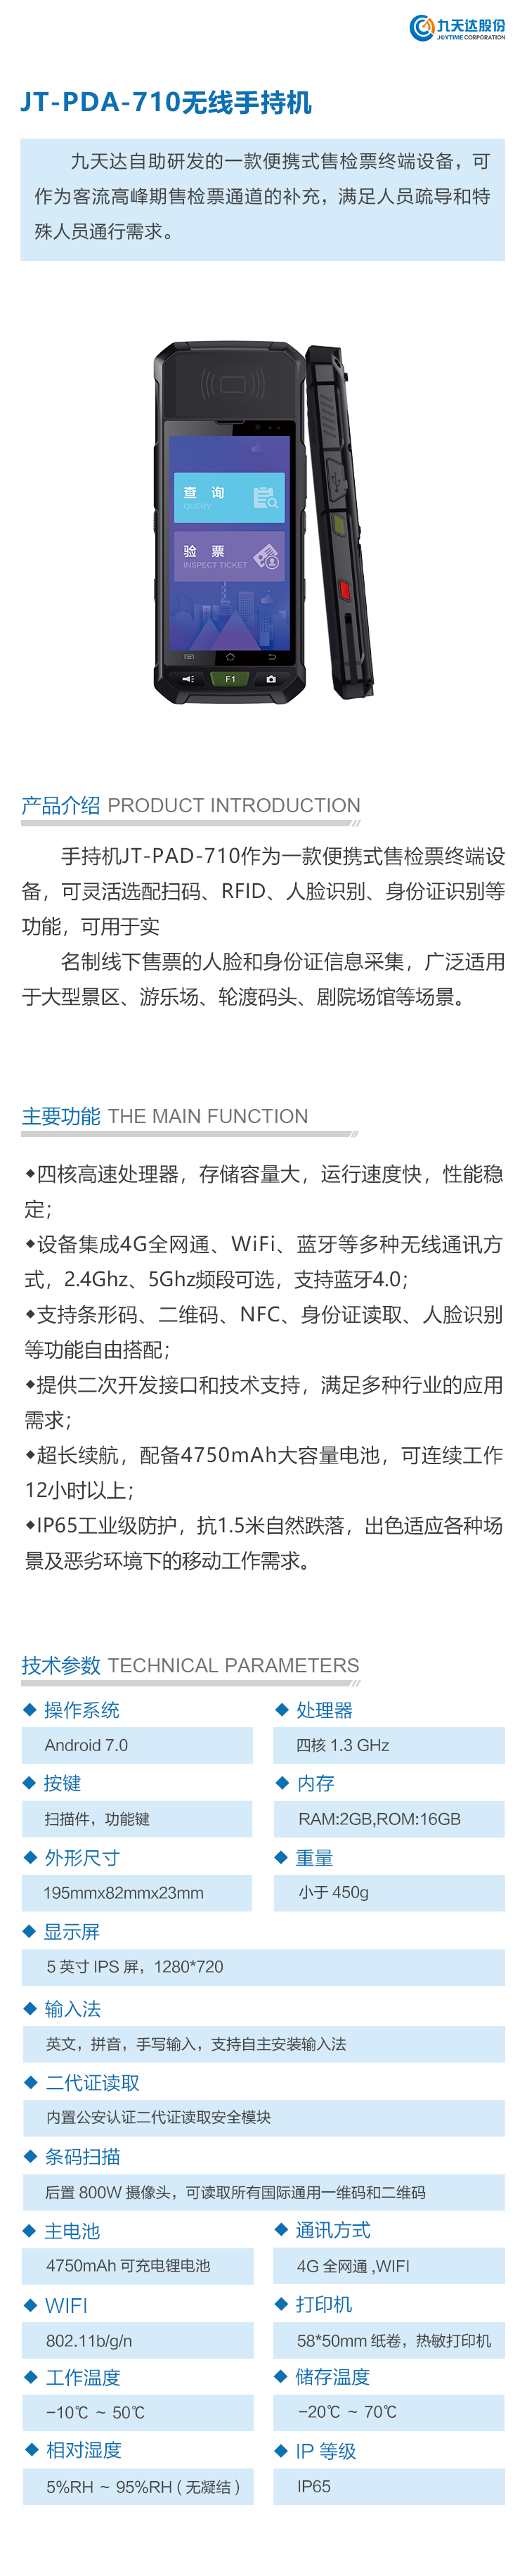 12780511_JT-PDA-710無線手持機